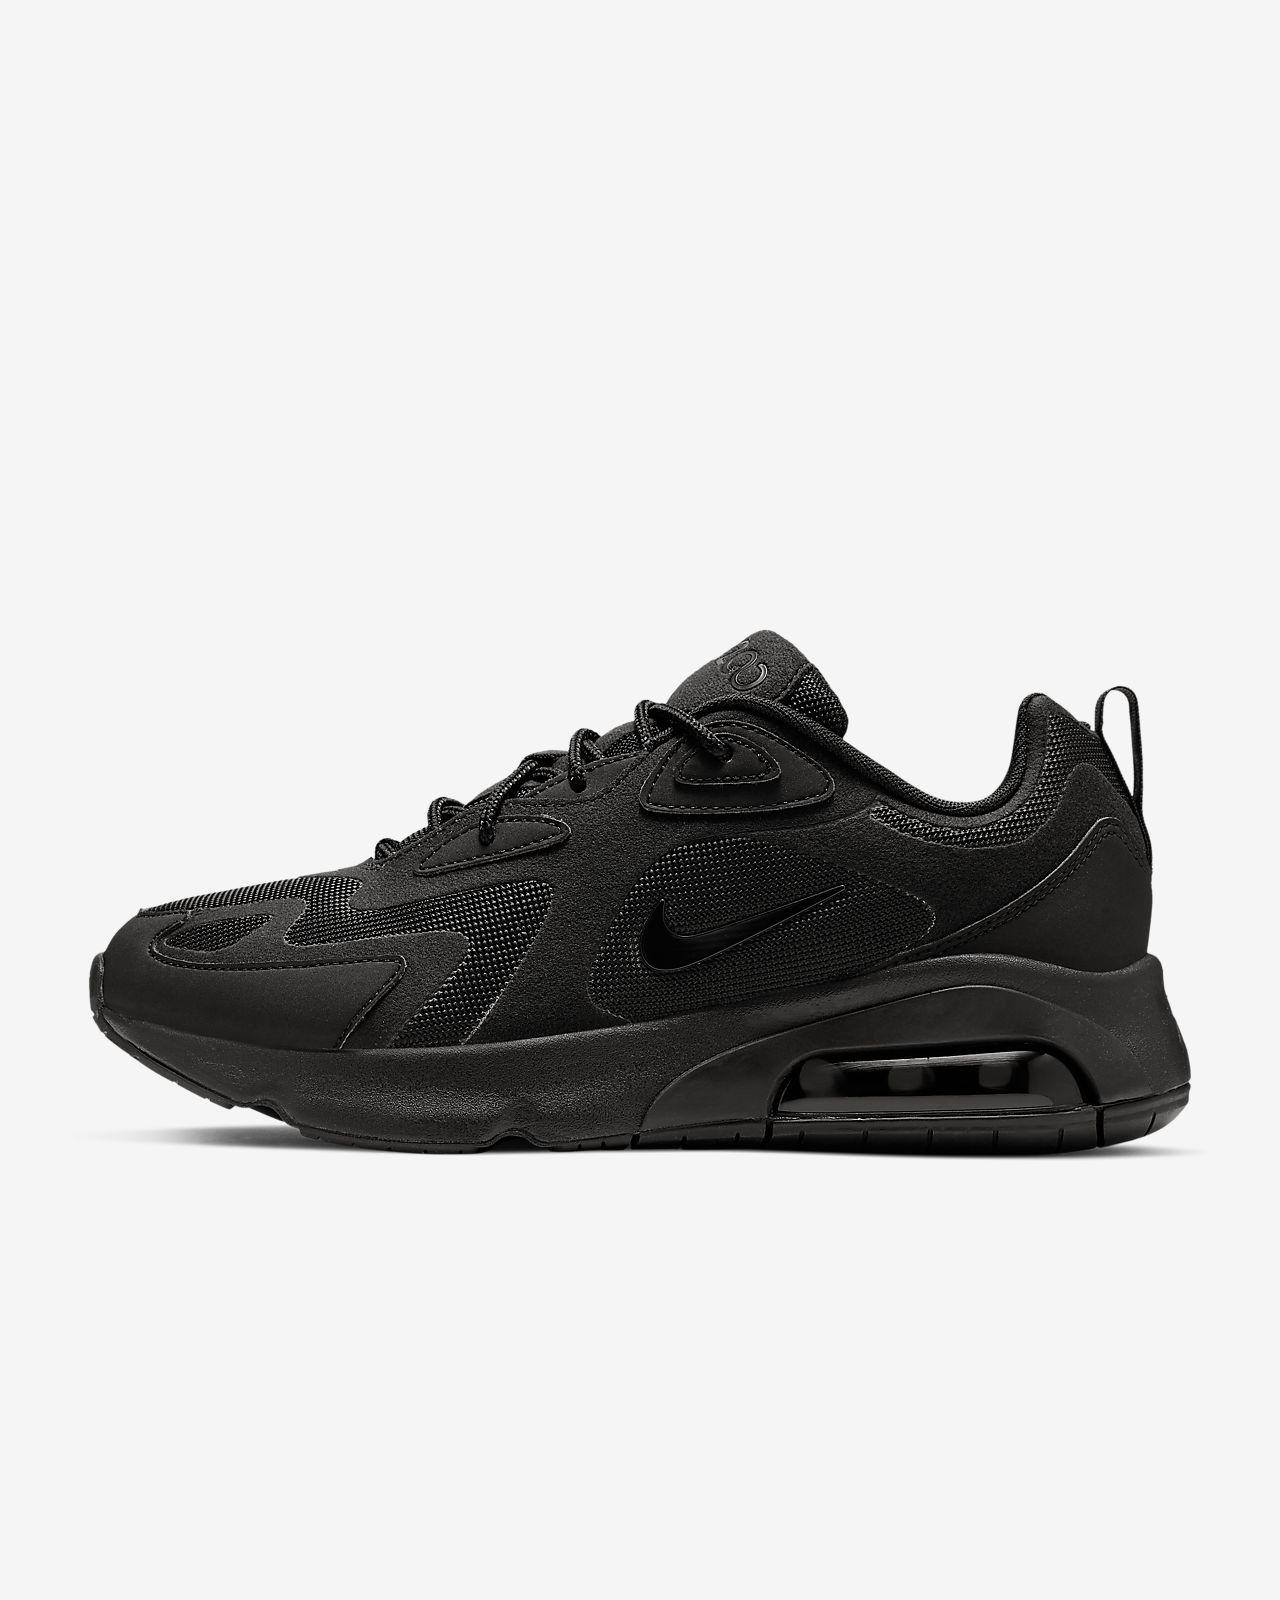 Nike Air Max 200 Erkek Ayakkabısı